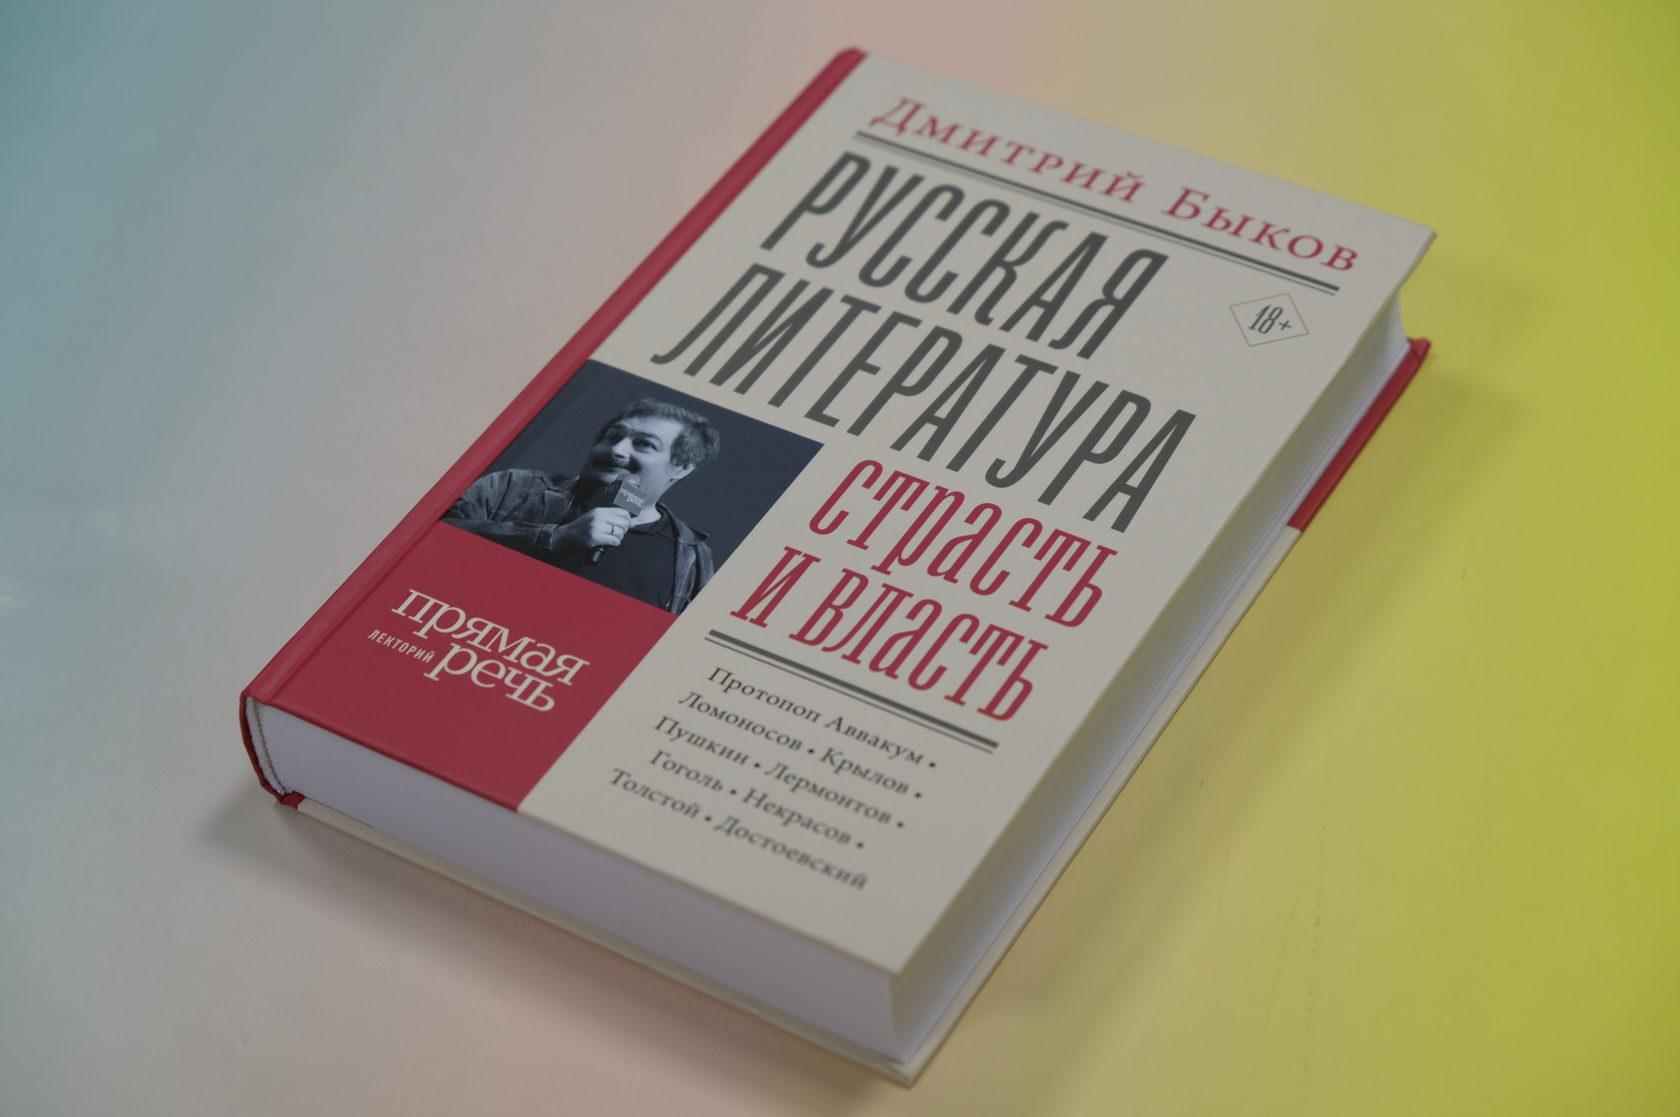 Дмитрий Быков «Русская литература: страсть и власть» 978-5-17-117669-3